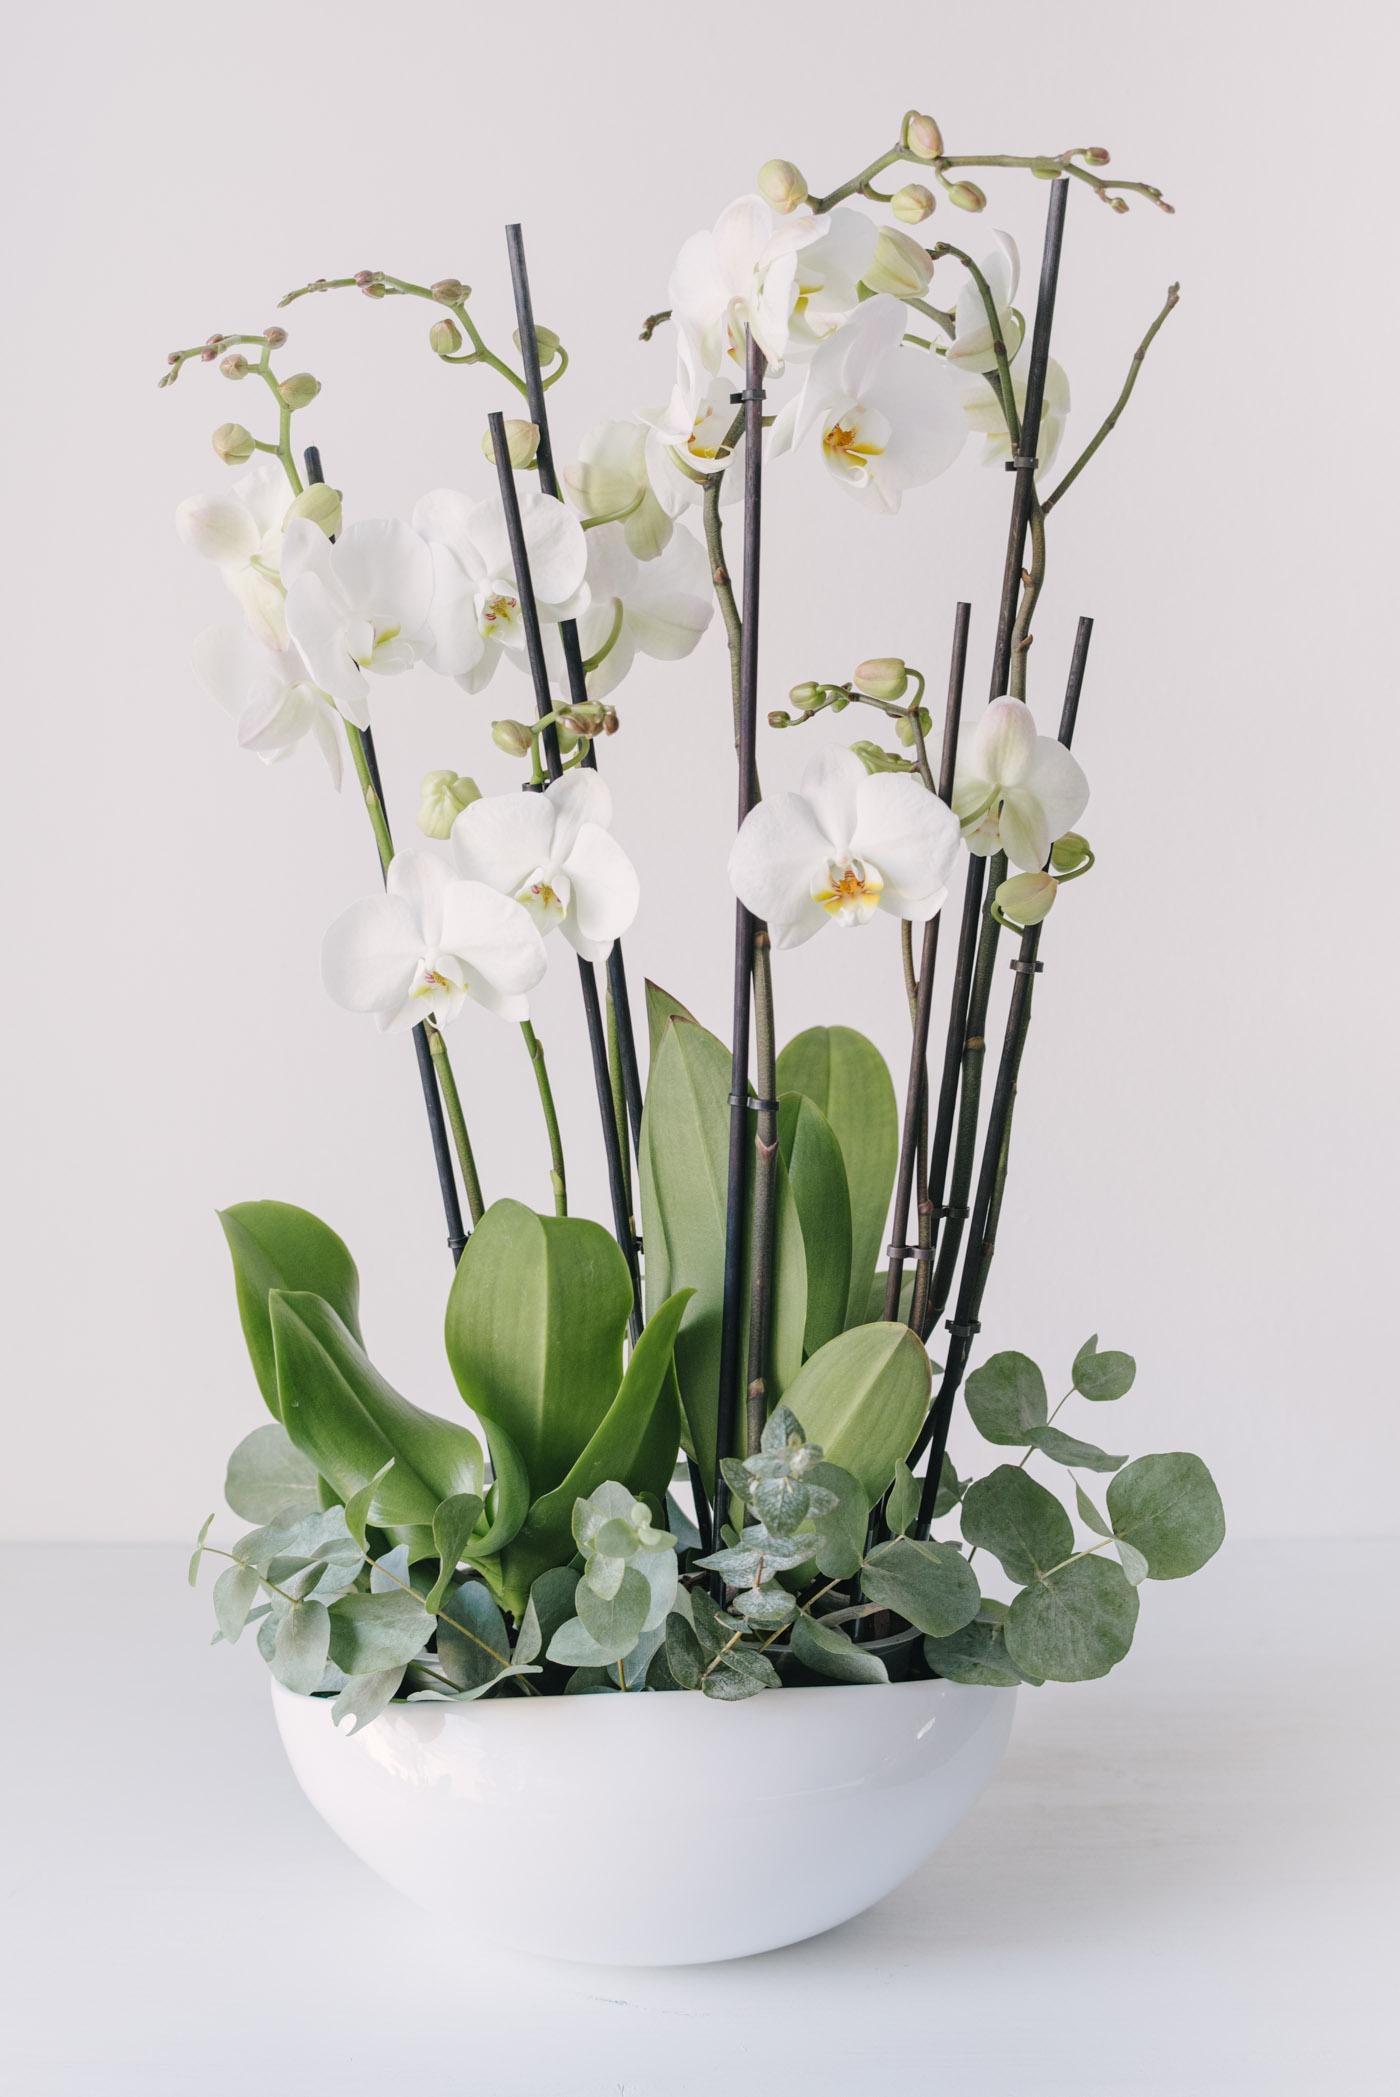 Aranjament Cu Orhidee Albe In Vas Ceramic